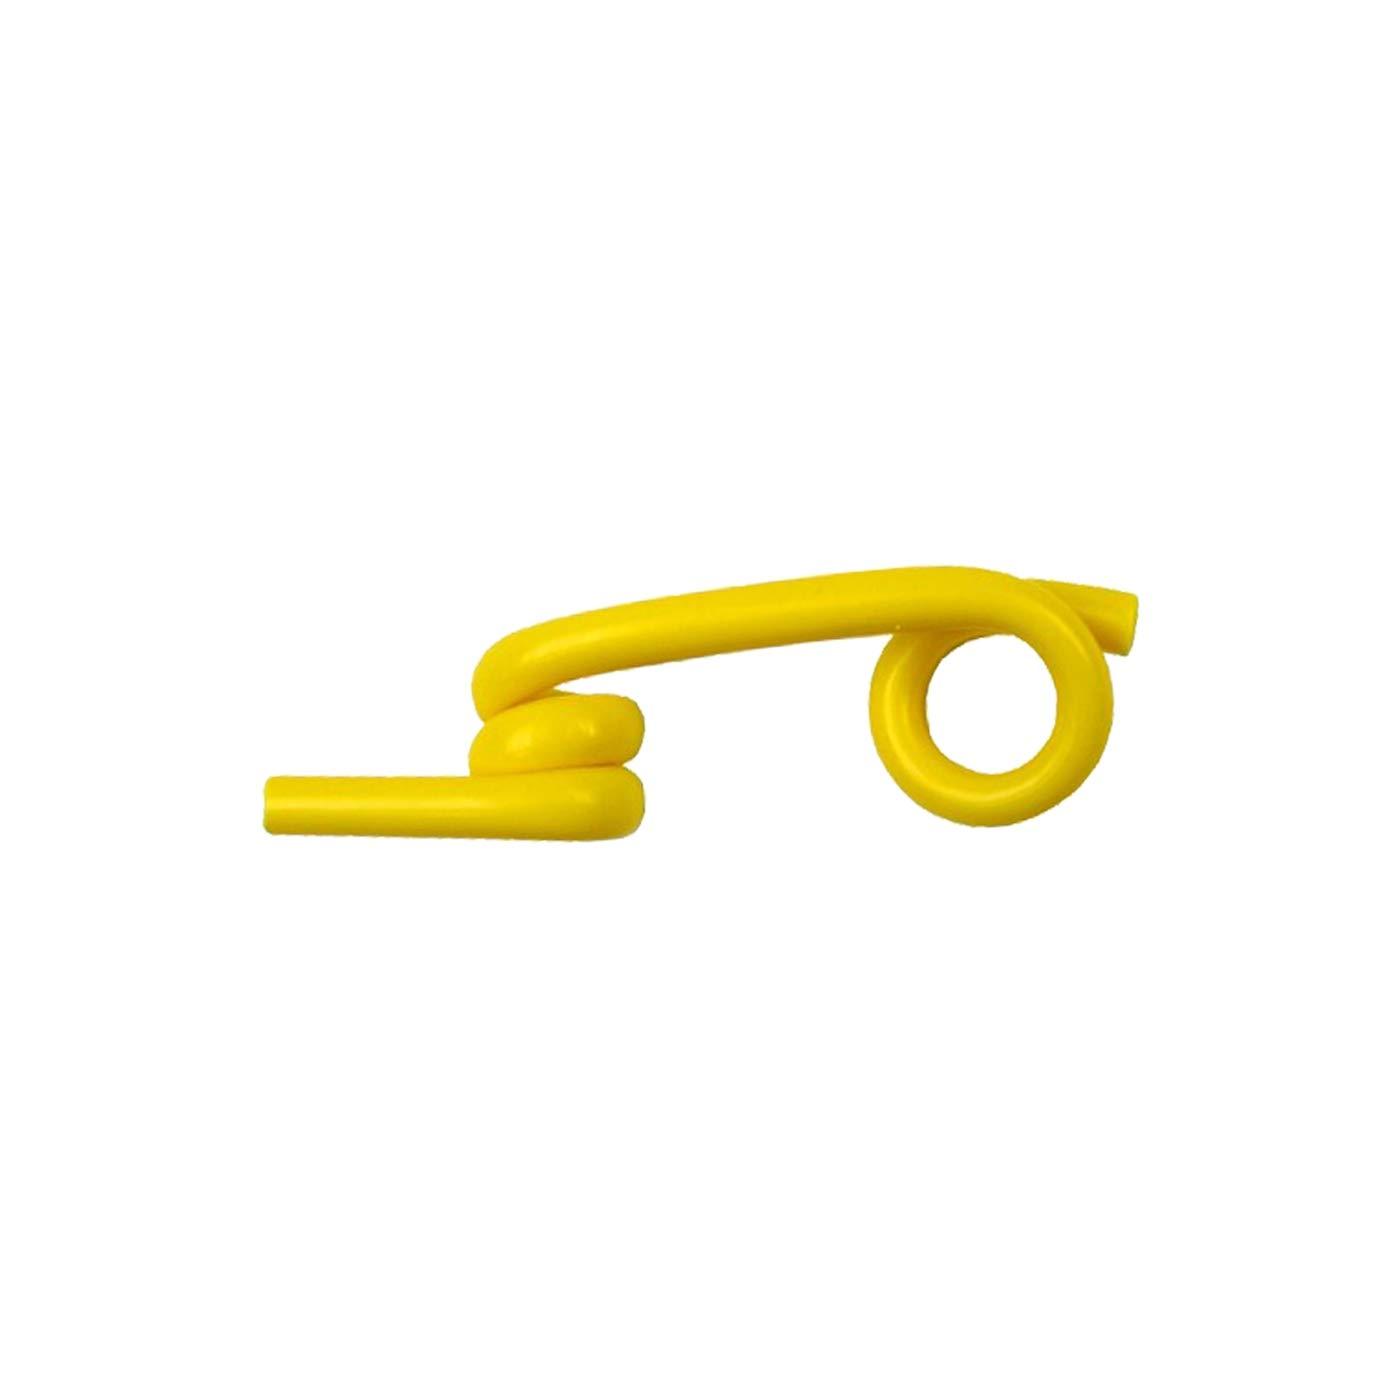 25x isolateurs supplémentaires pour cordons, fils, cordes, rubans de clôture jusqu'à 10mm (pour piquet en fibre de verre nr. 44474)